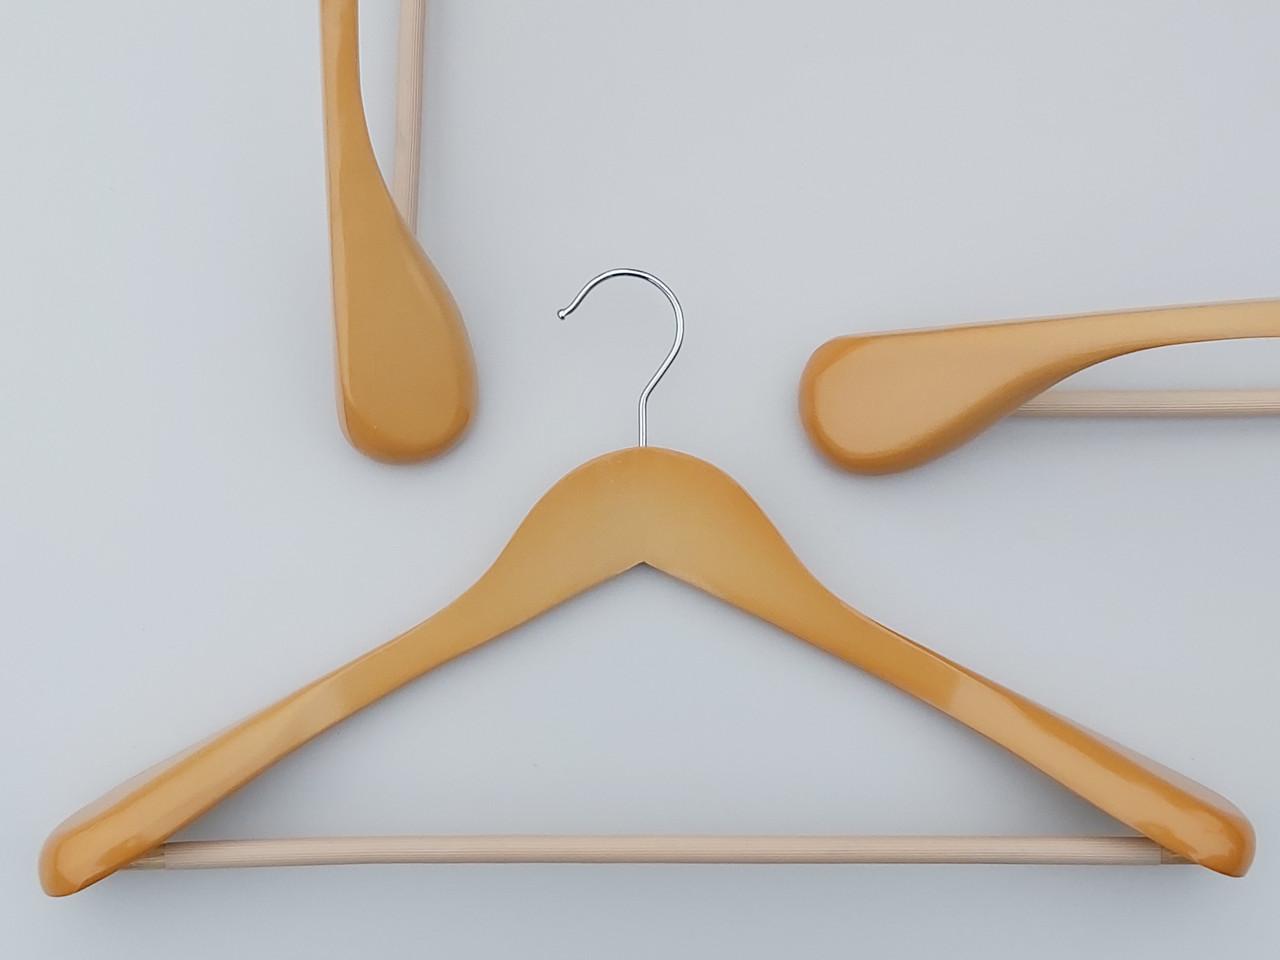 Плечики вешалки  деревянные светлые широкие с антискользяшей перекладиной, длина 45 см